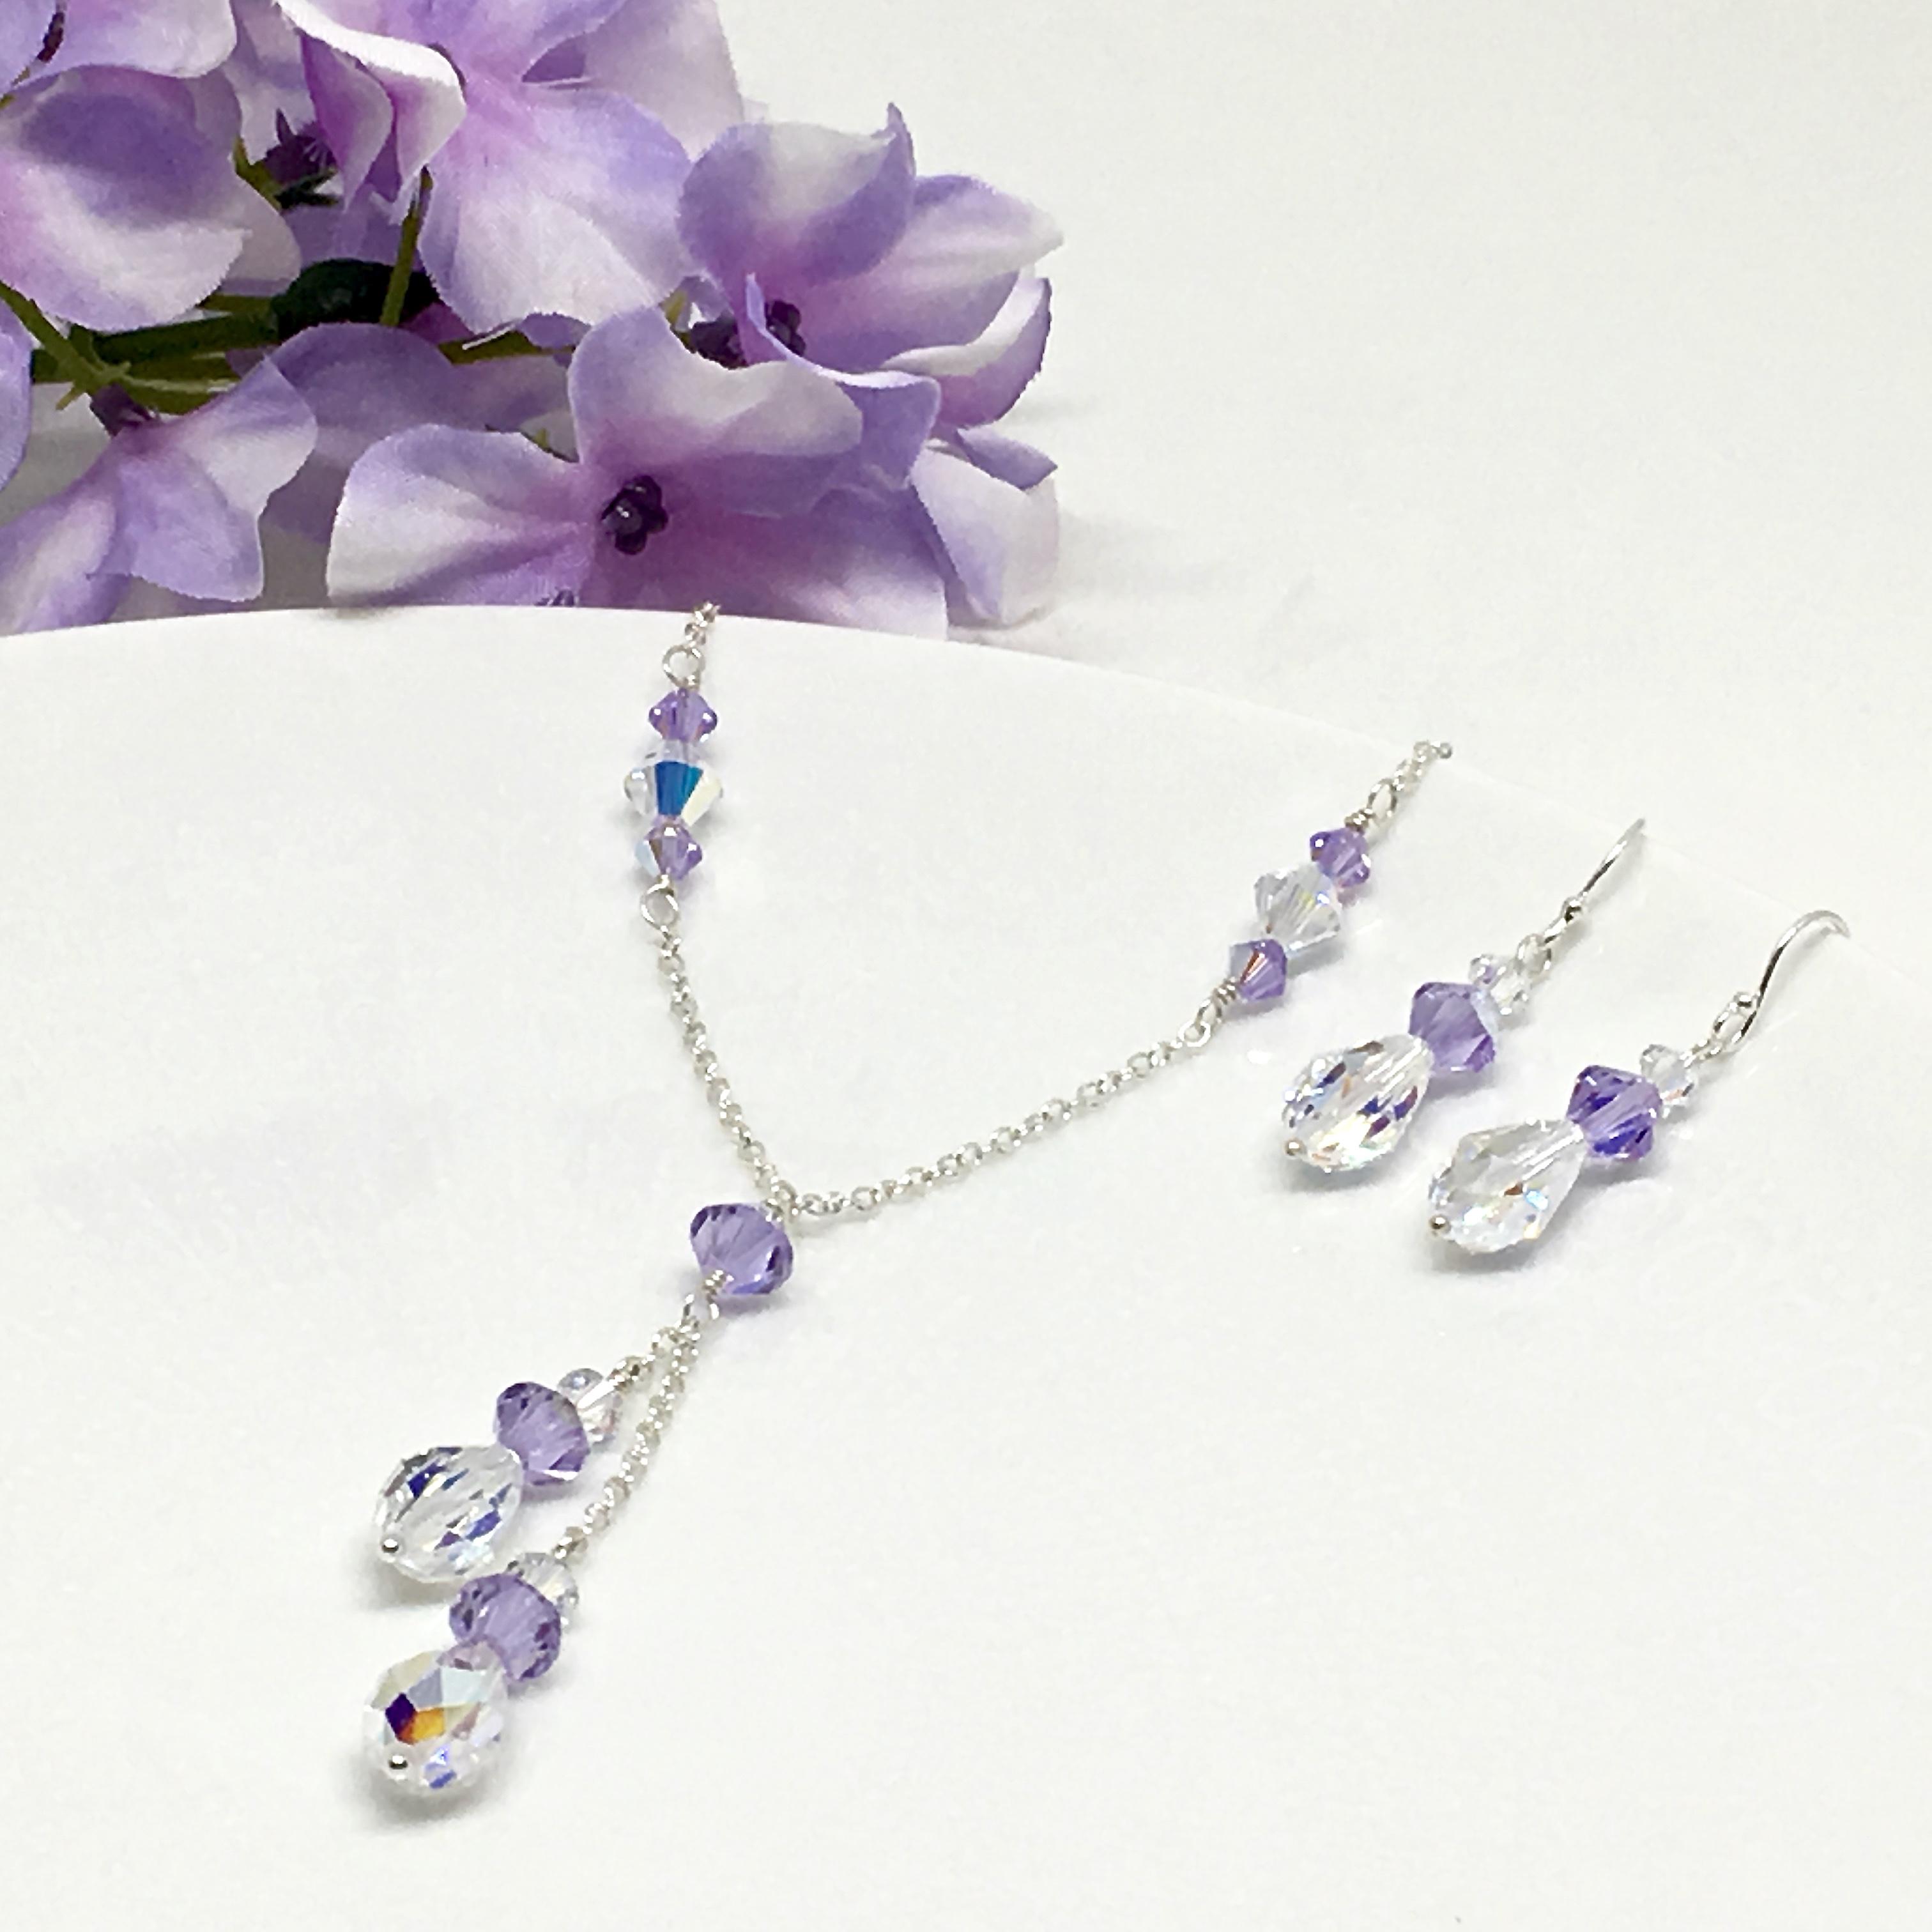 Violet Jewelry Swarovski Crystal Prom Jewelry